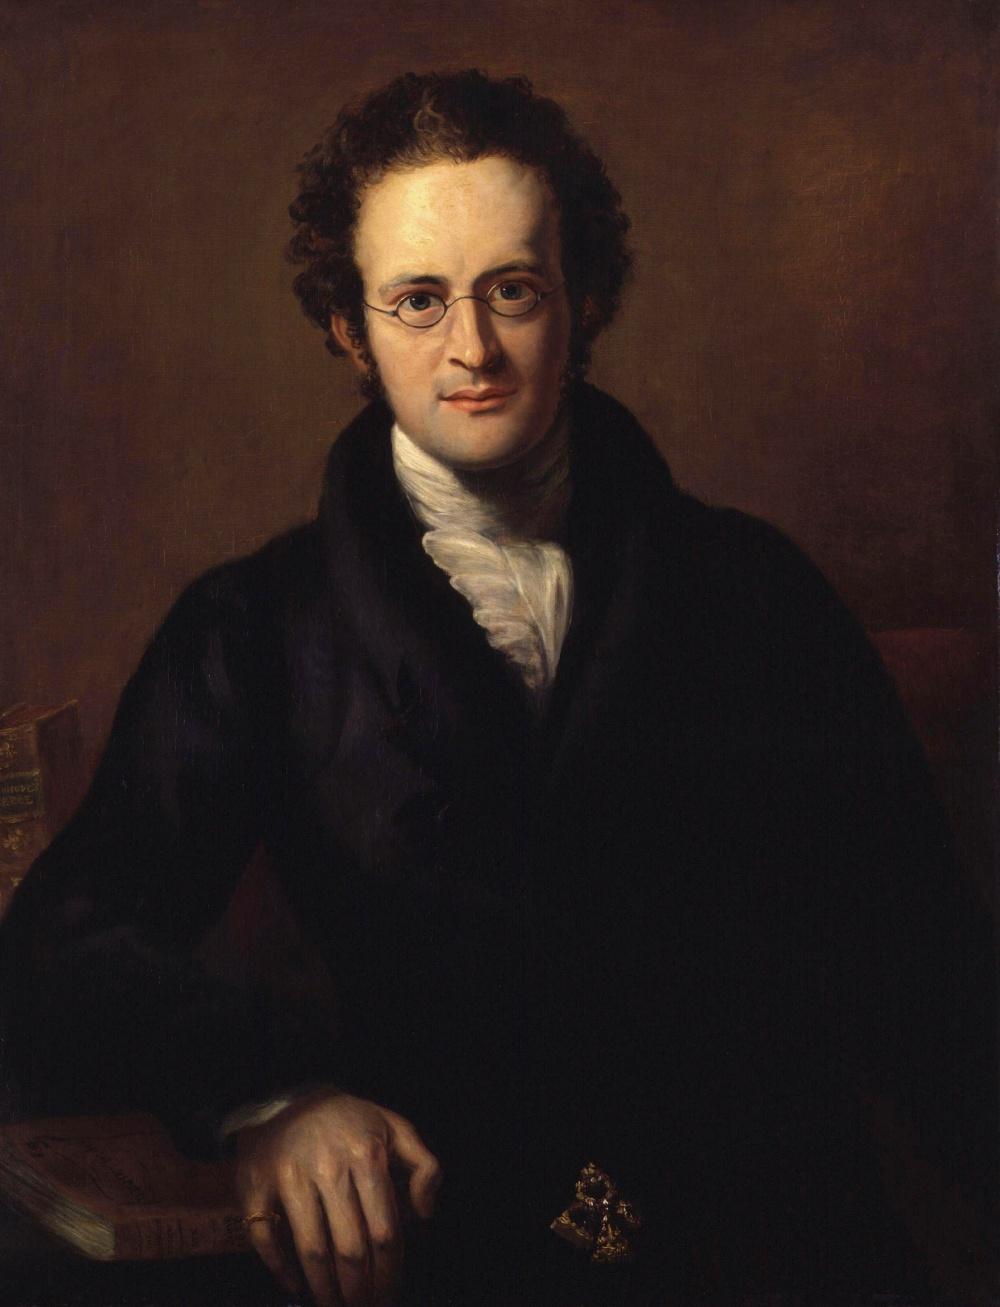 John Bowring Portrait